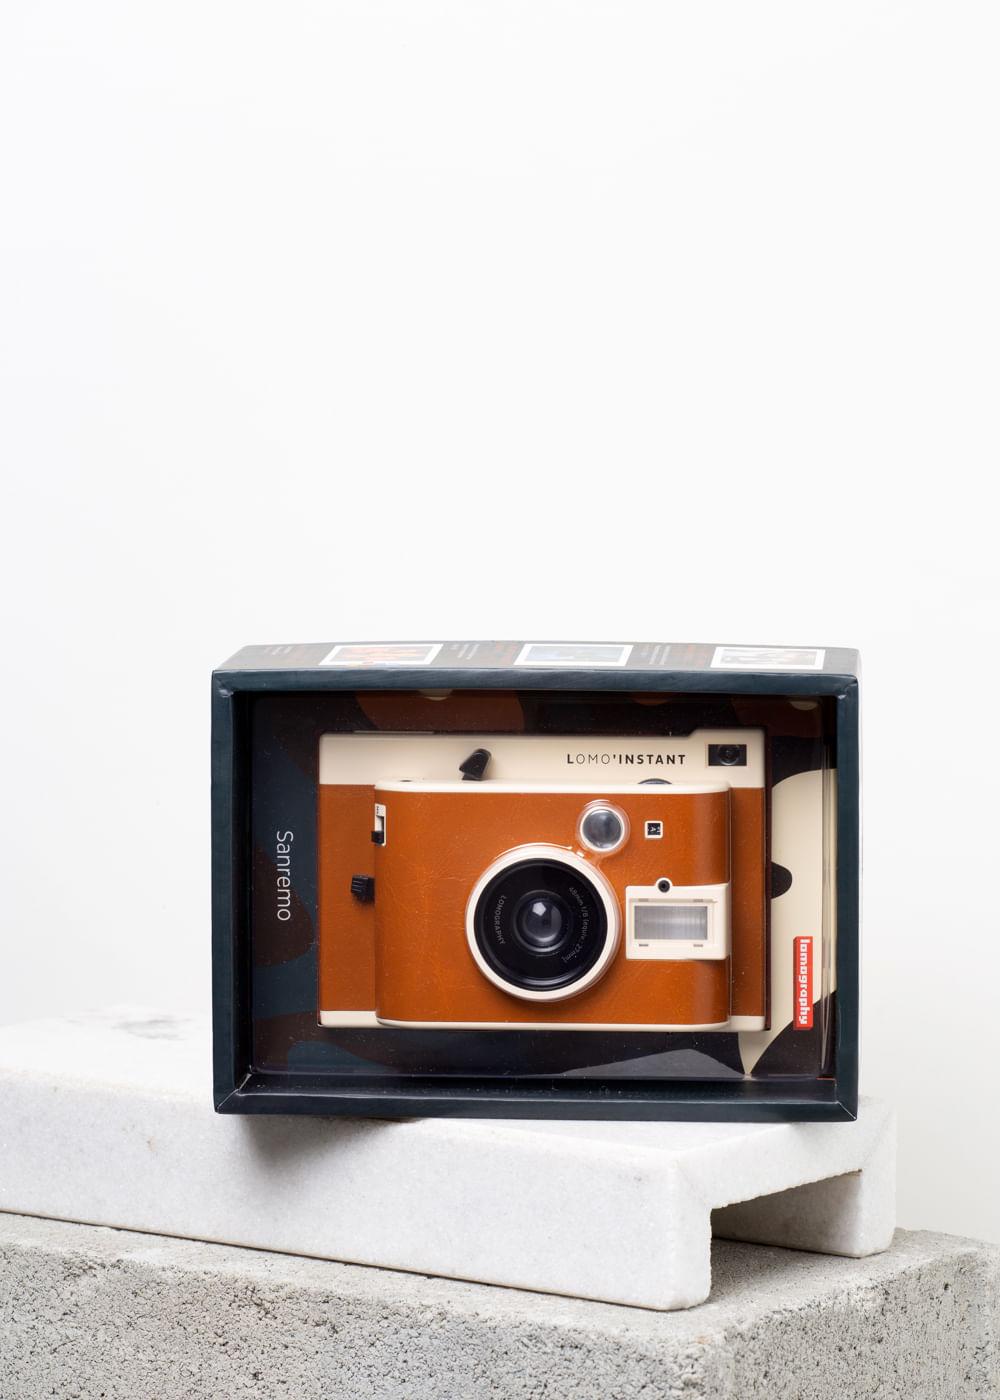 Cmera Fotogrfica Instantnea Lomo Sanremo Conceitoe Mobile Lomography Instant Camera Edition